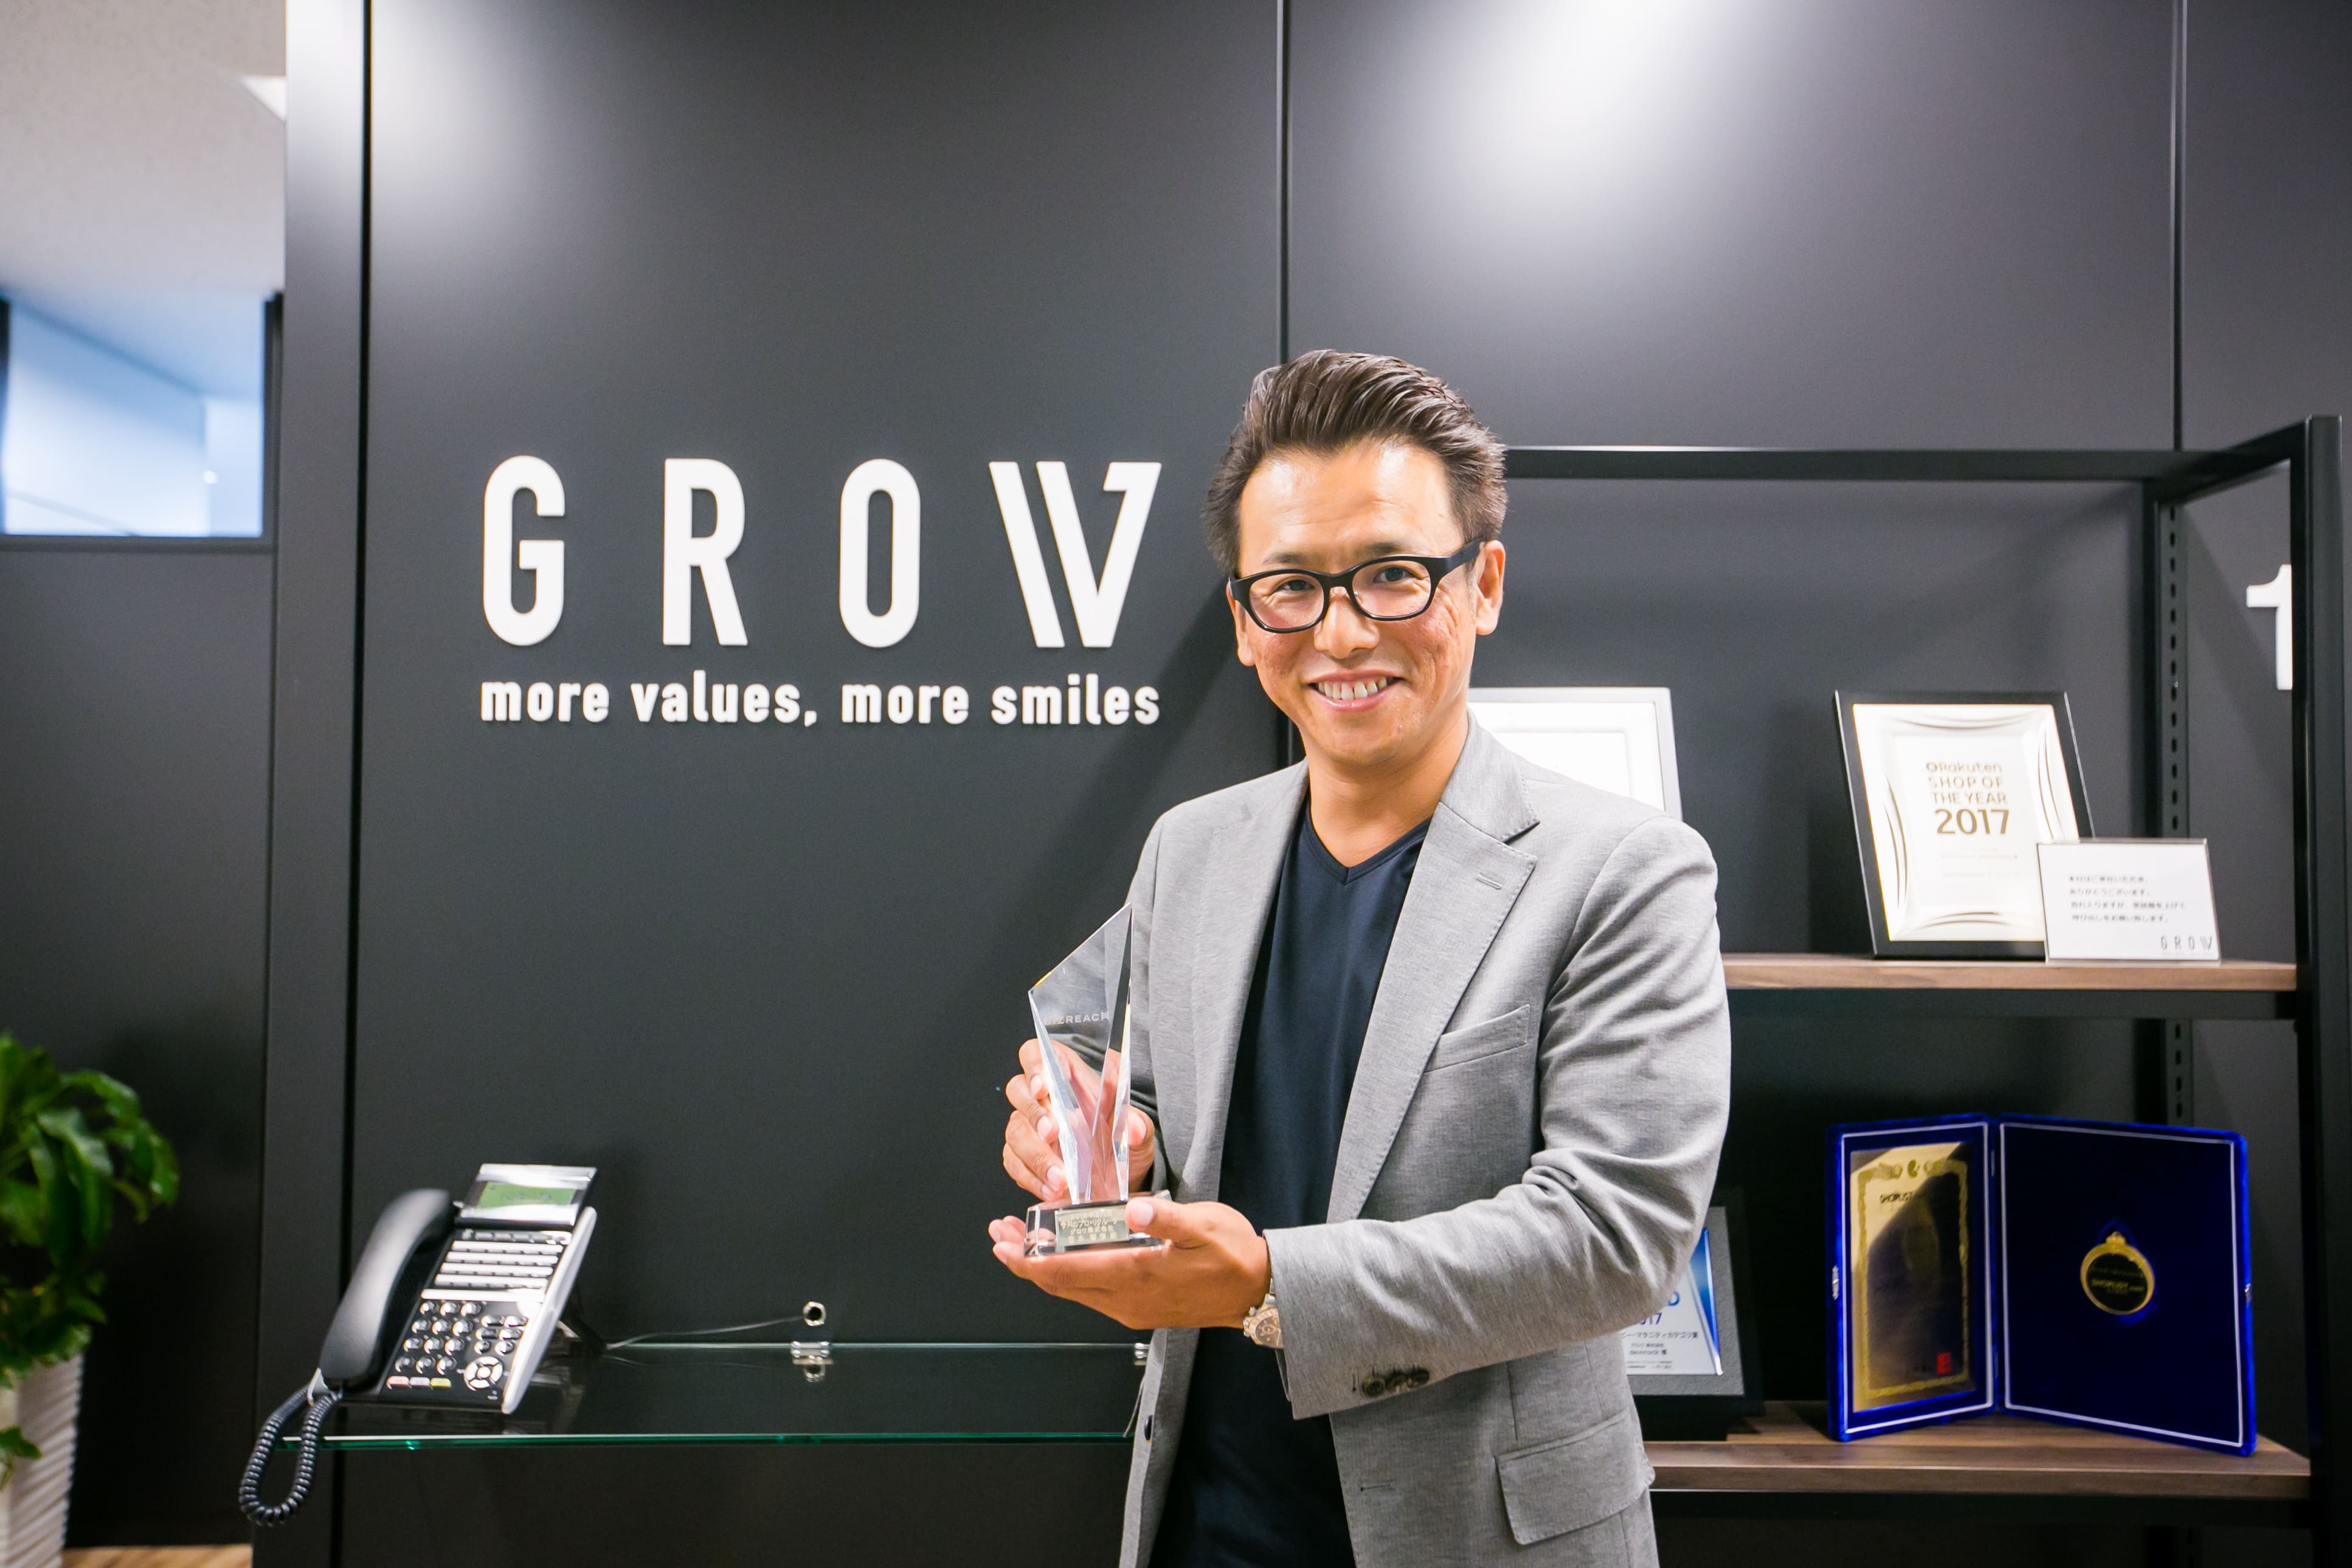 今月のプロ・リクルーター(第4回)グロウ株式会社 宮本様「価値観のすり合わせこそ採用の最重要事項」